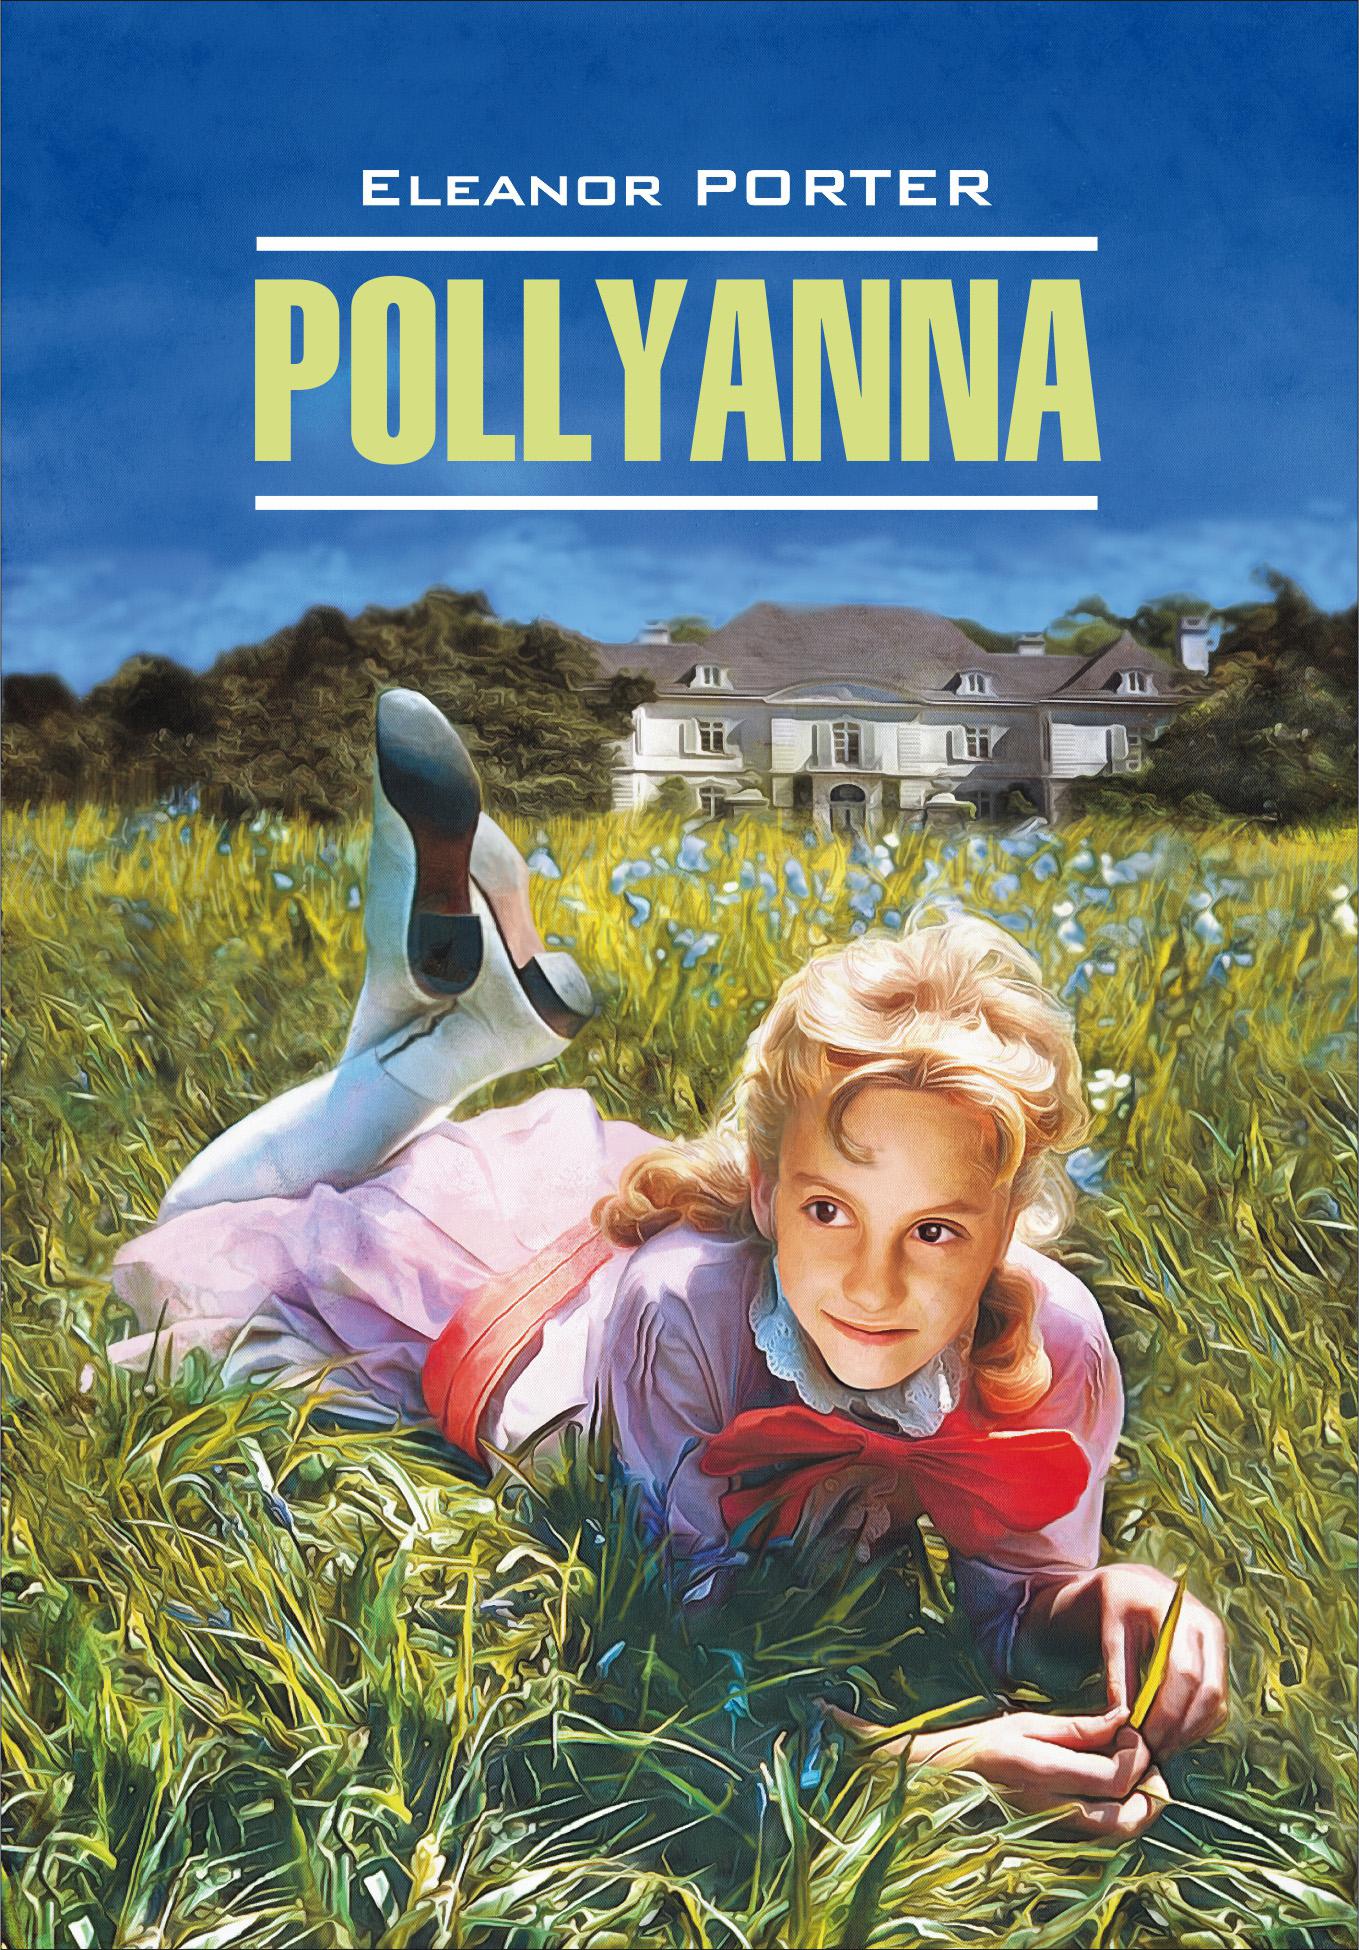 Элинор Портер Pollyanna / Поллианна. Книга для чтения на английском языке